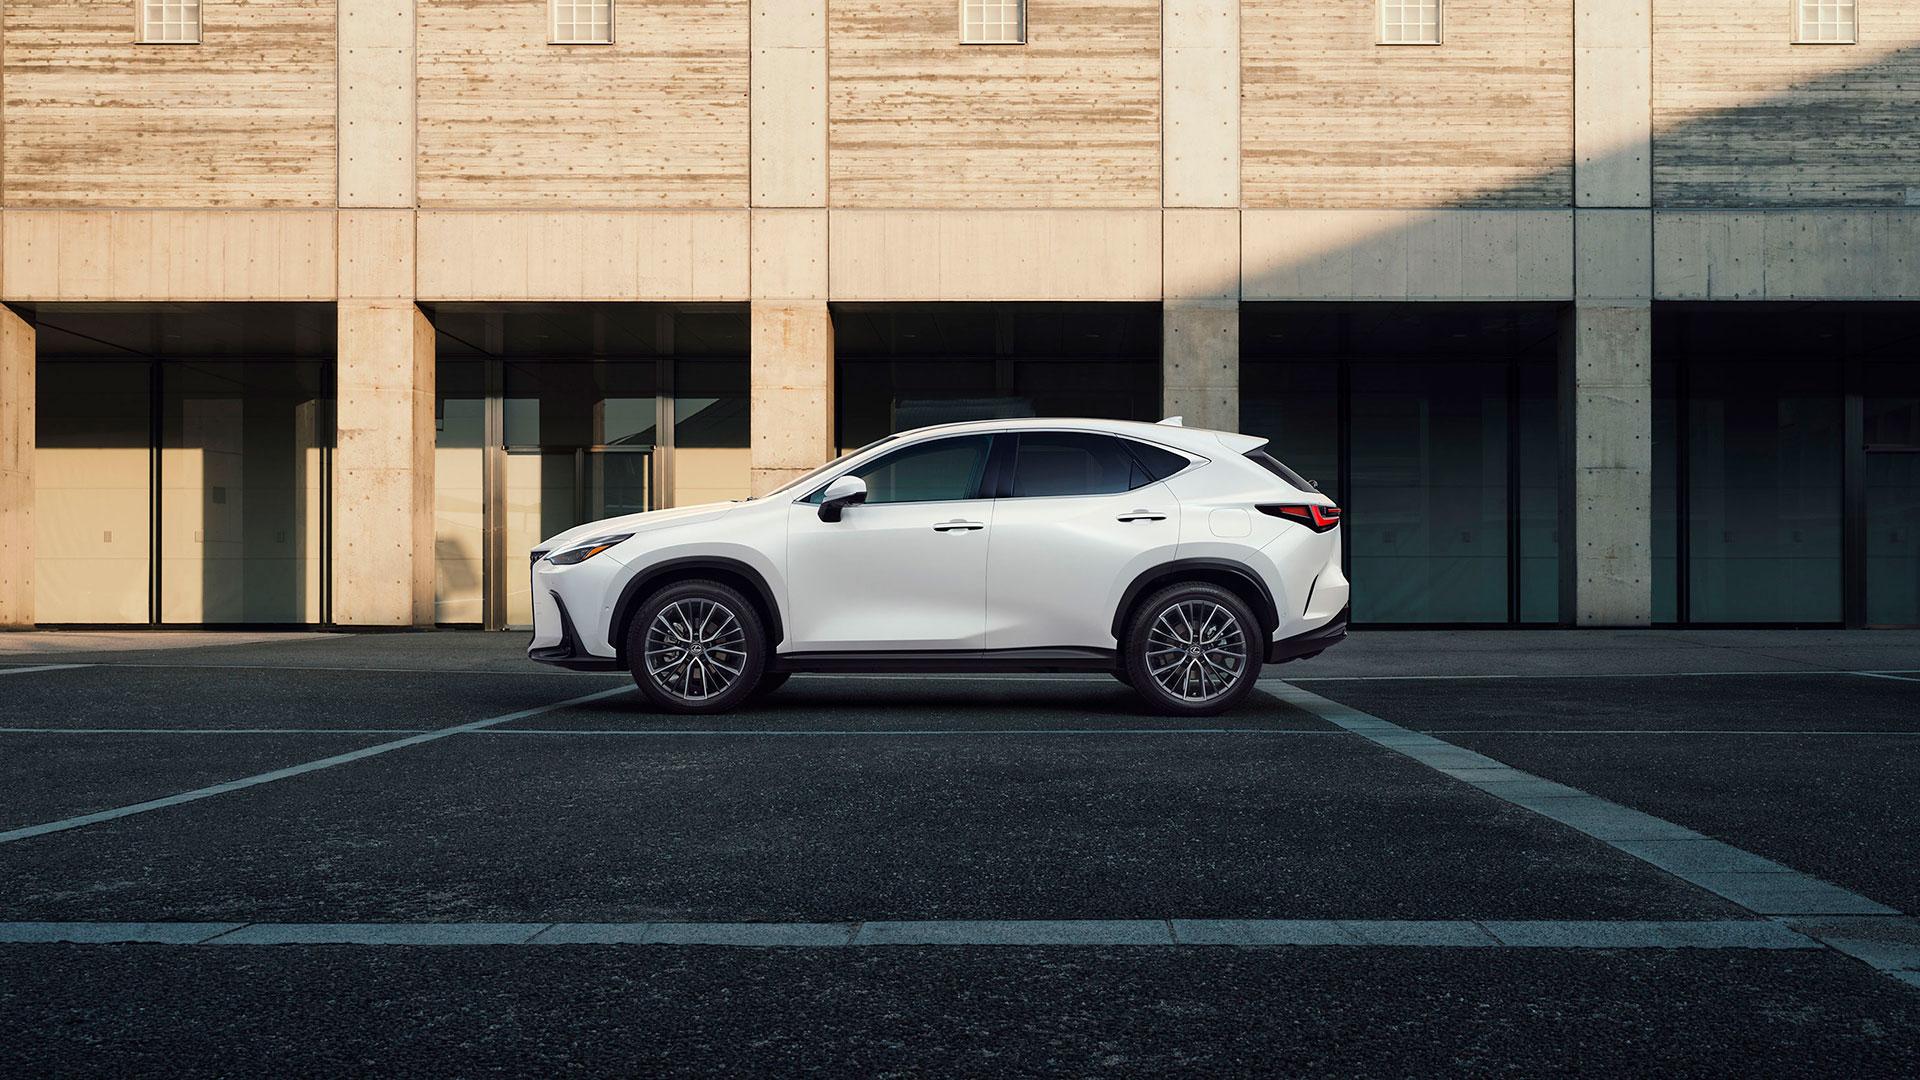 Nuevo Lexus NX siéntete más seguro hero asset